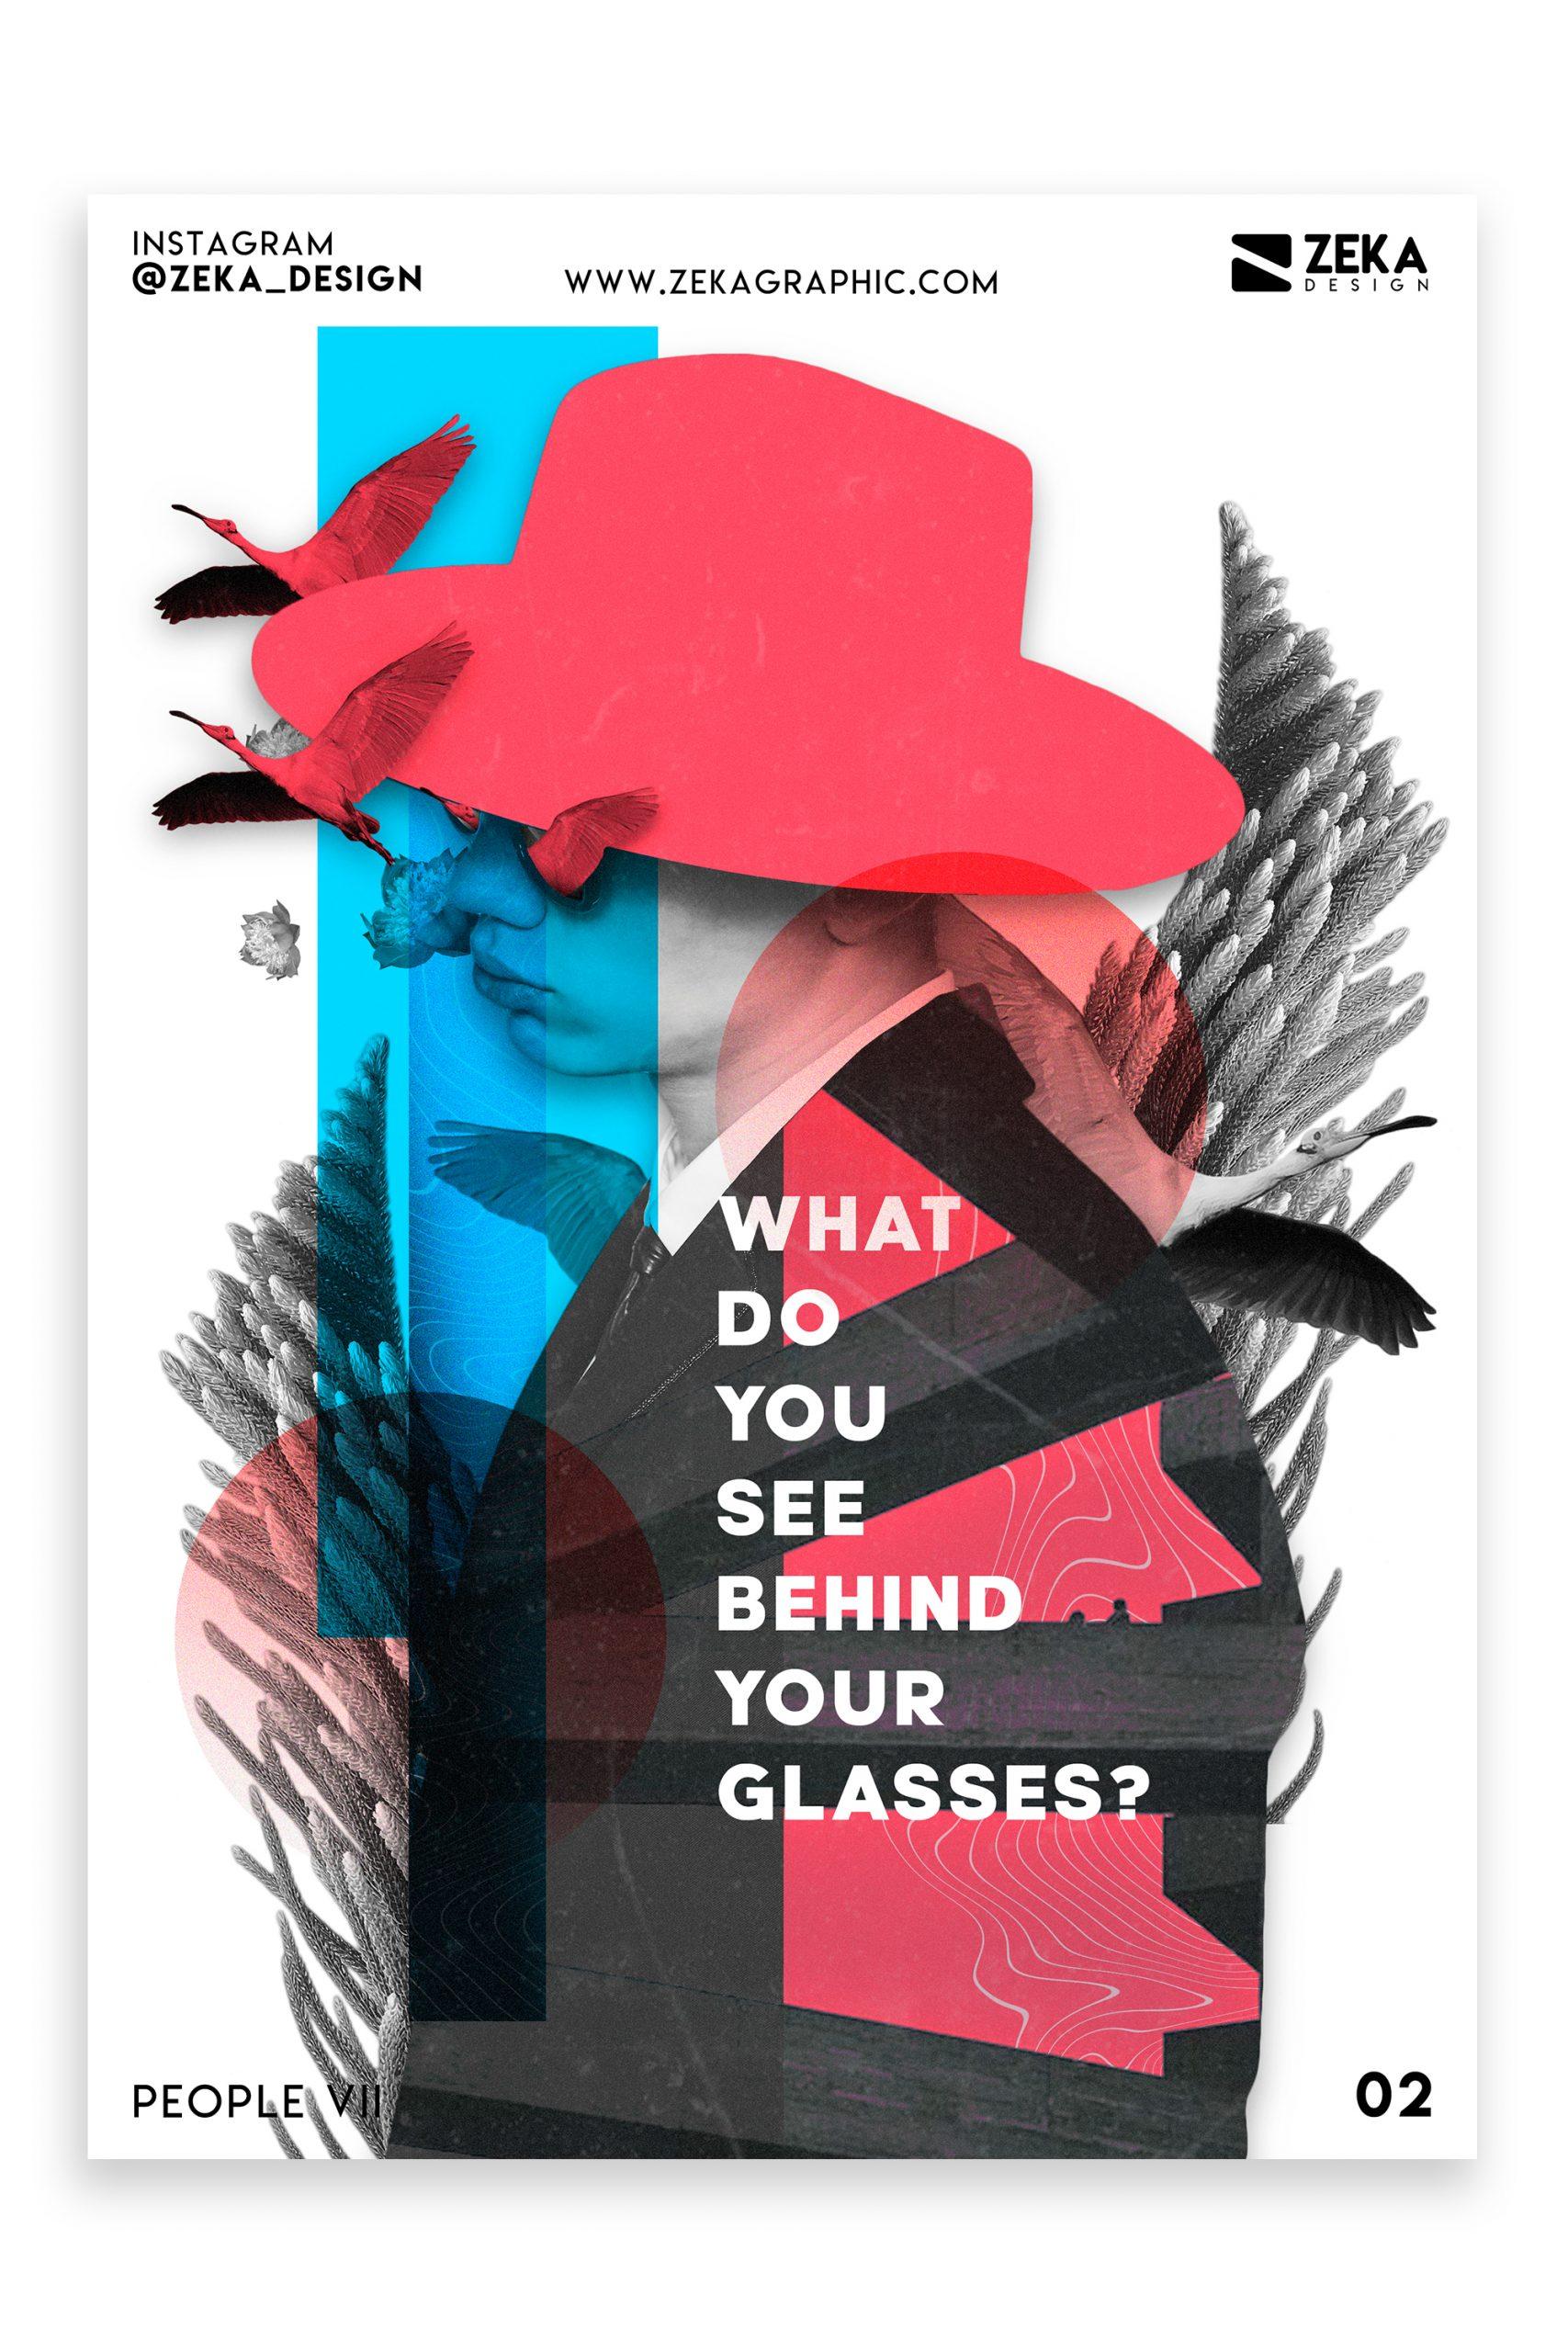 People VII Poster Design Inspiration Graphic Design Portfolio 2